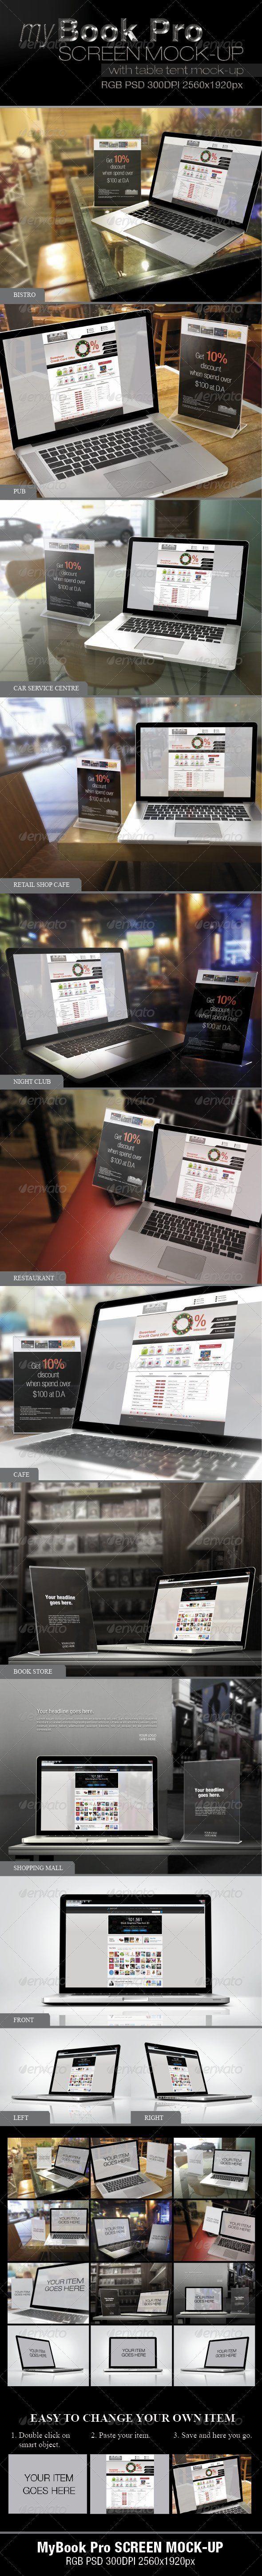 myBook Pro Screen Mock-up - Laptop Displays